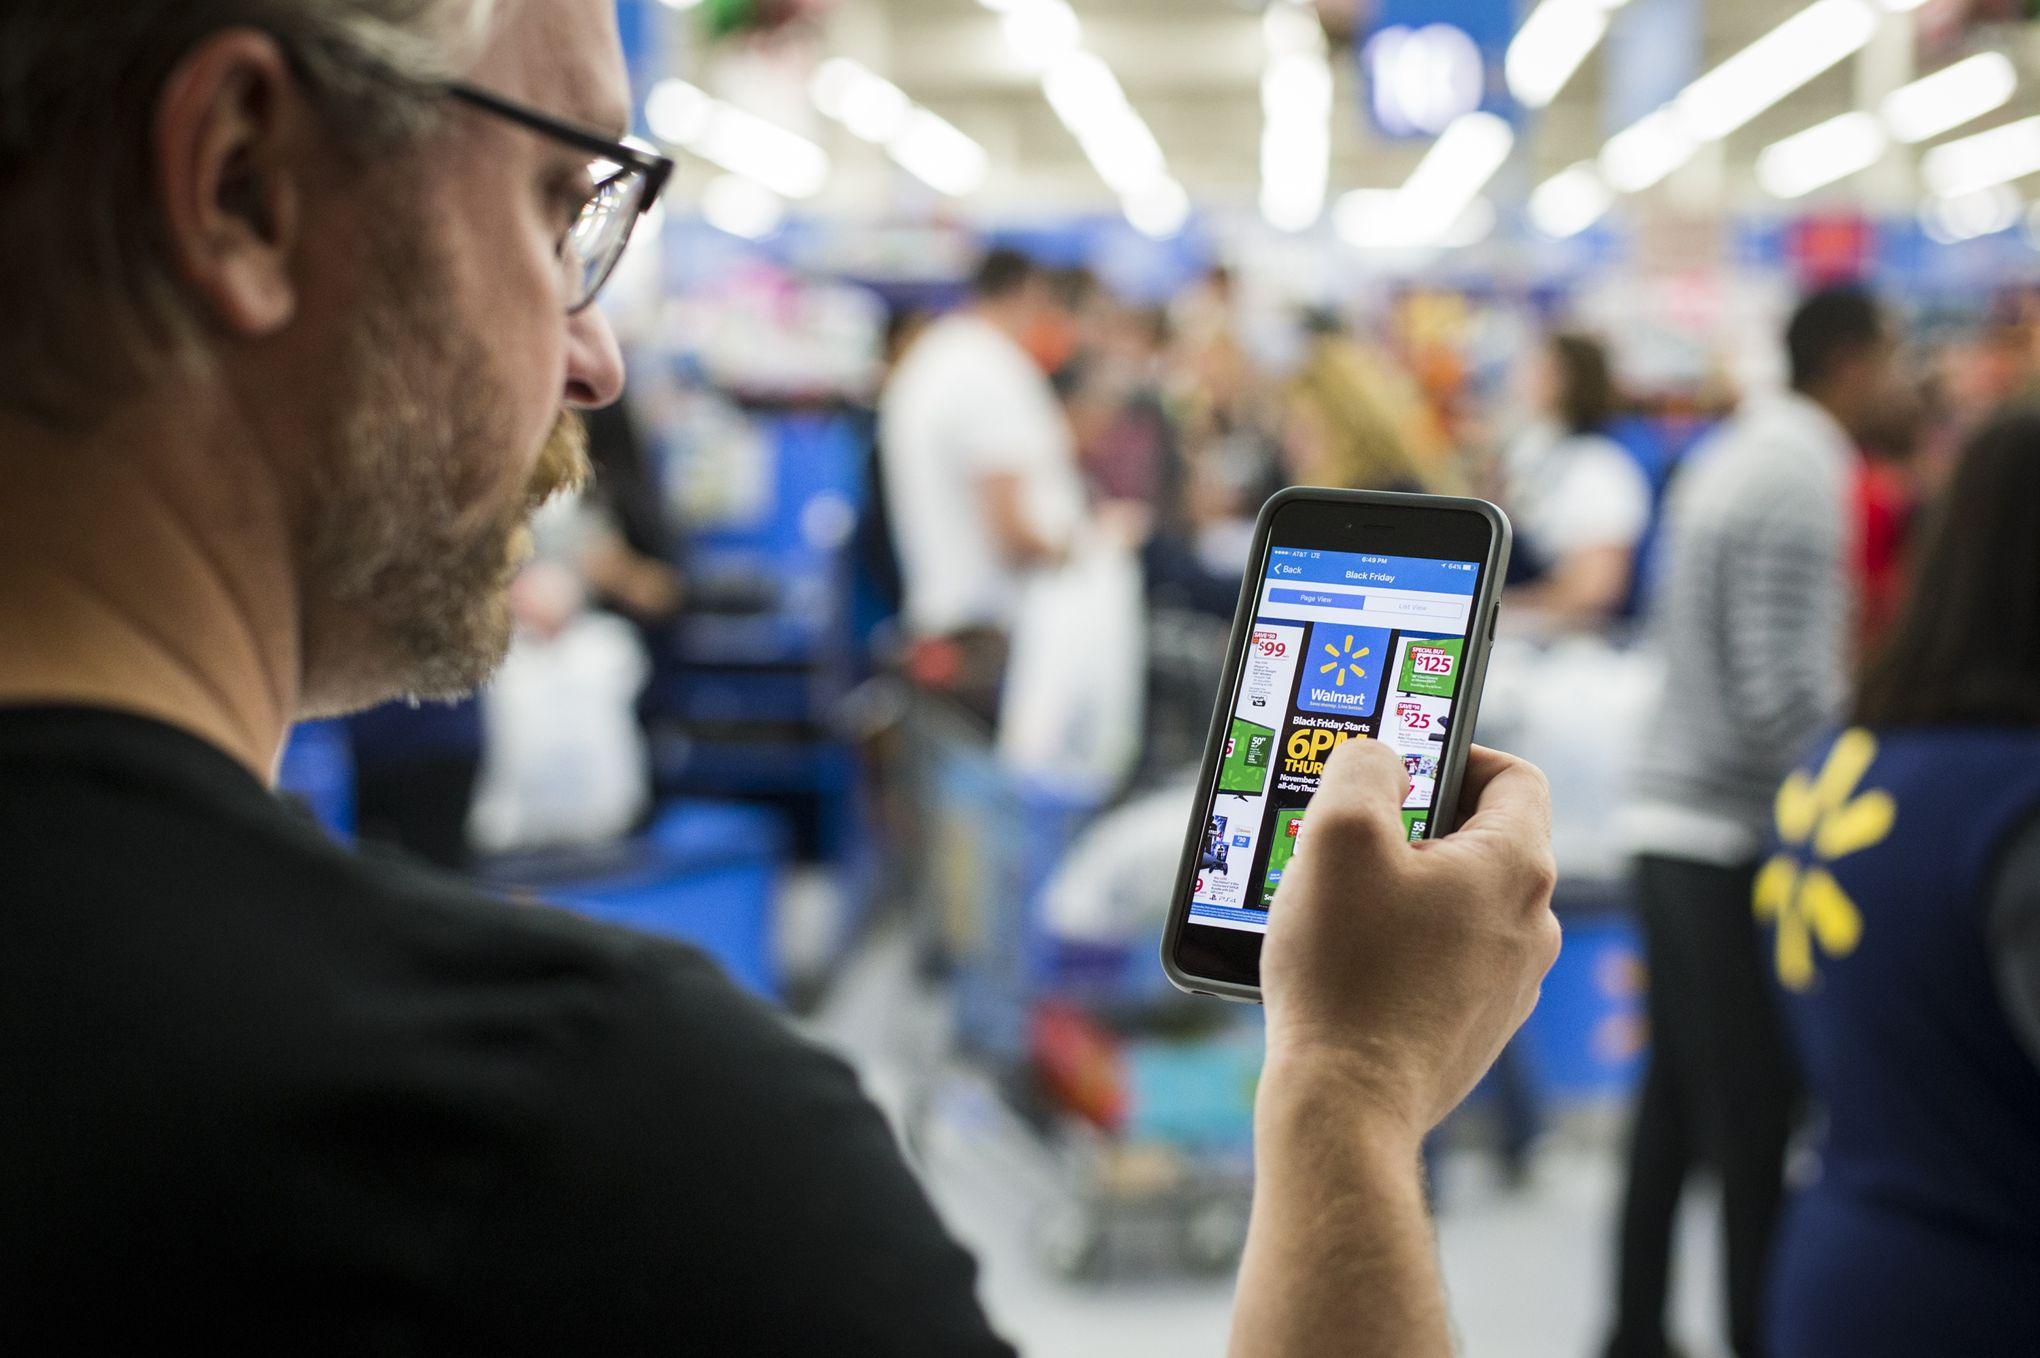 Plus de 40 milliards d'euros dépensés dans les applications mobiles en 2016